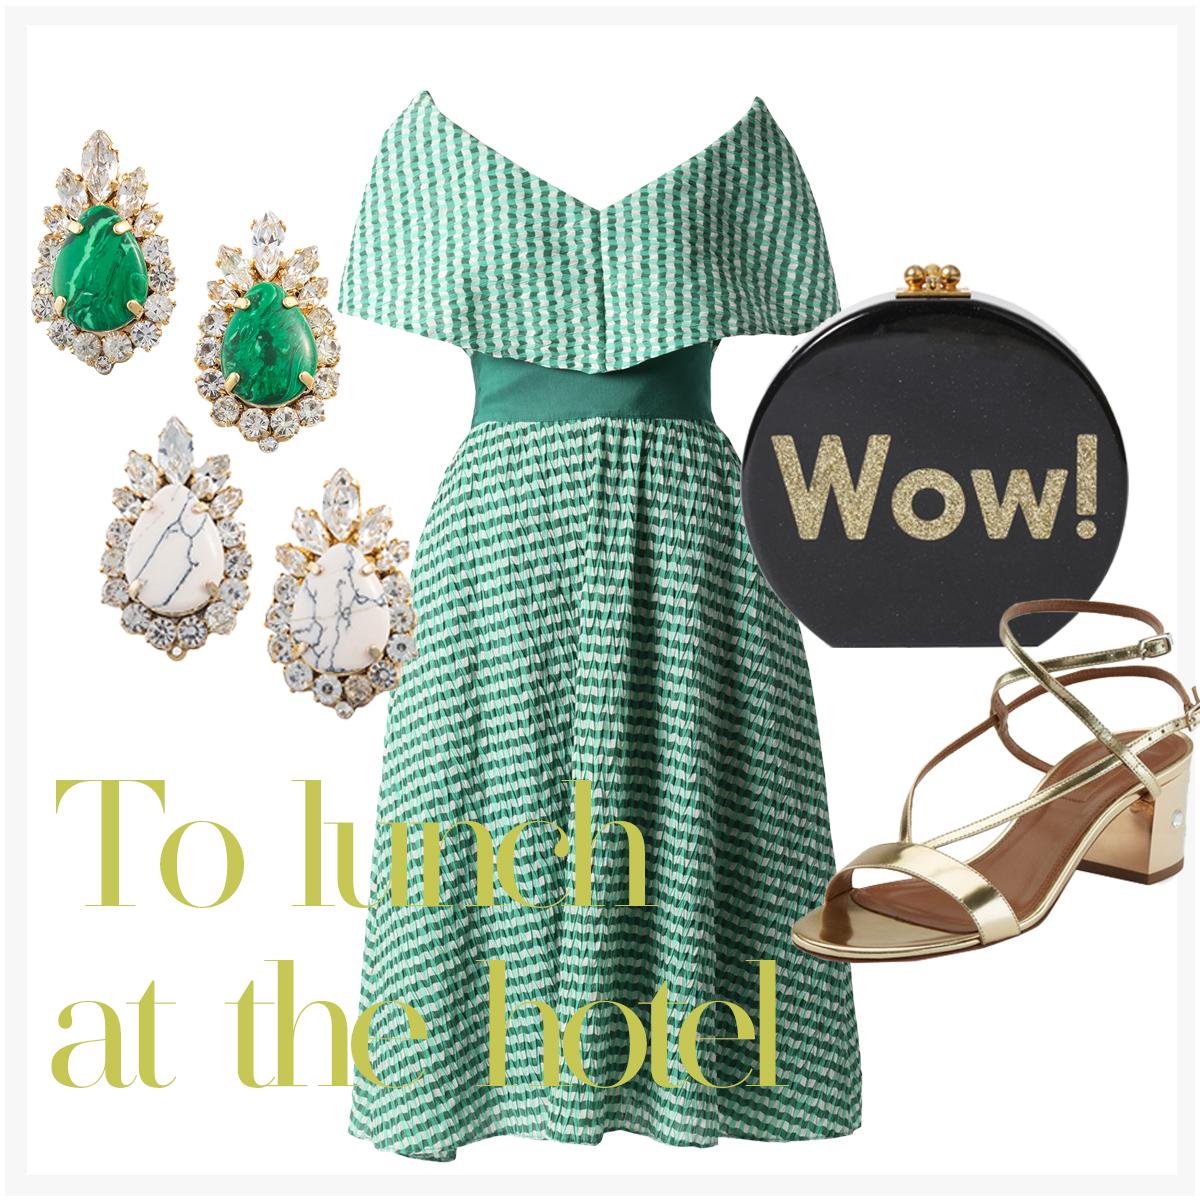 グリーンのオフショルダーワンピースで華やかなスタイリングのお出かけコーディネートのご紹介